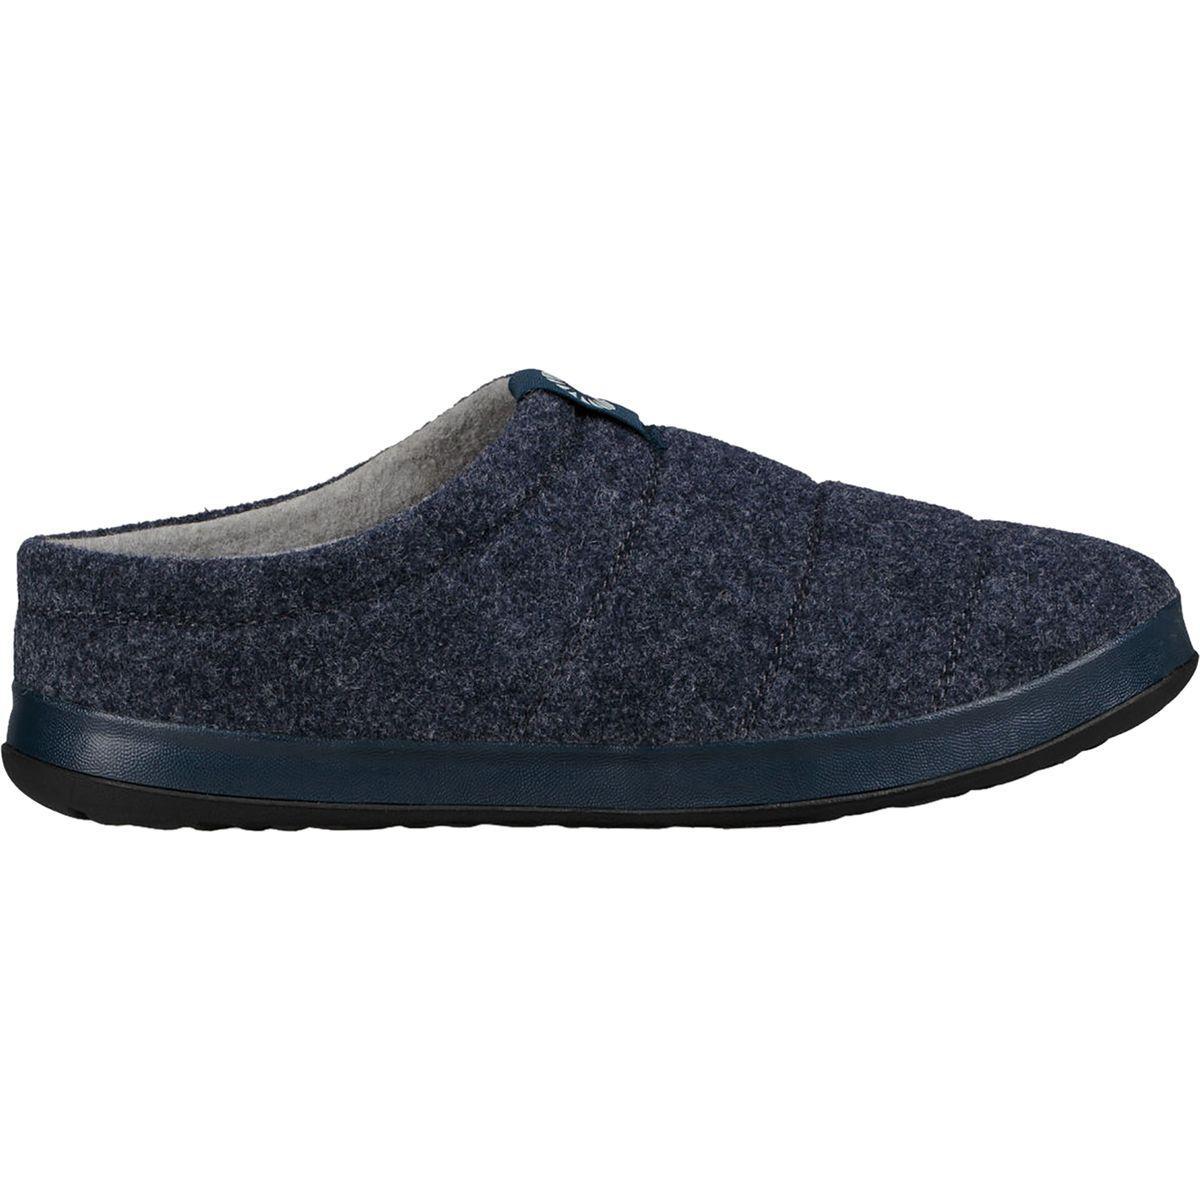 8bd0cbda20c Lyst - UGG Samvitt Slipper in Blue for Men